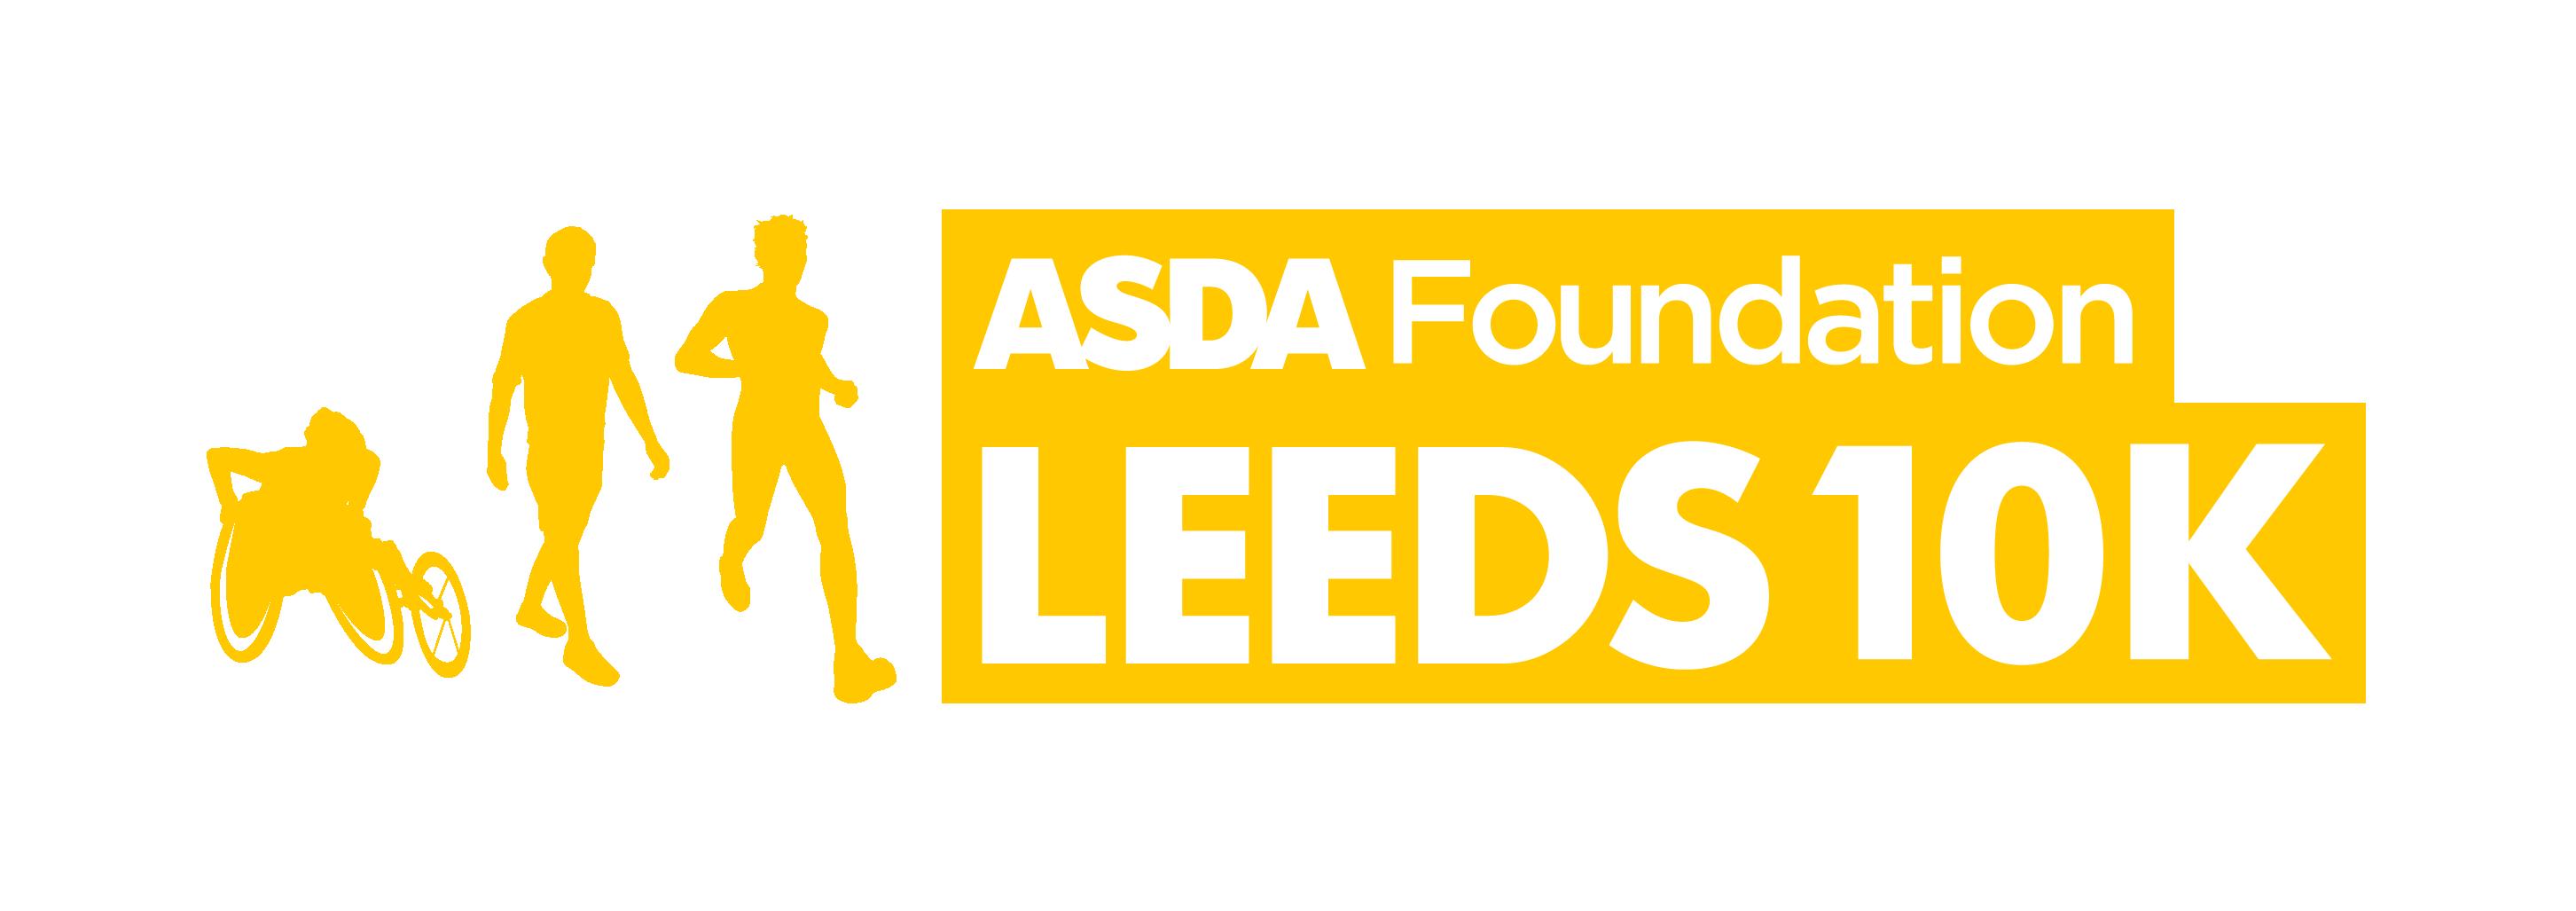 ASDA Foundation Leeds 10K - cover image